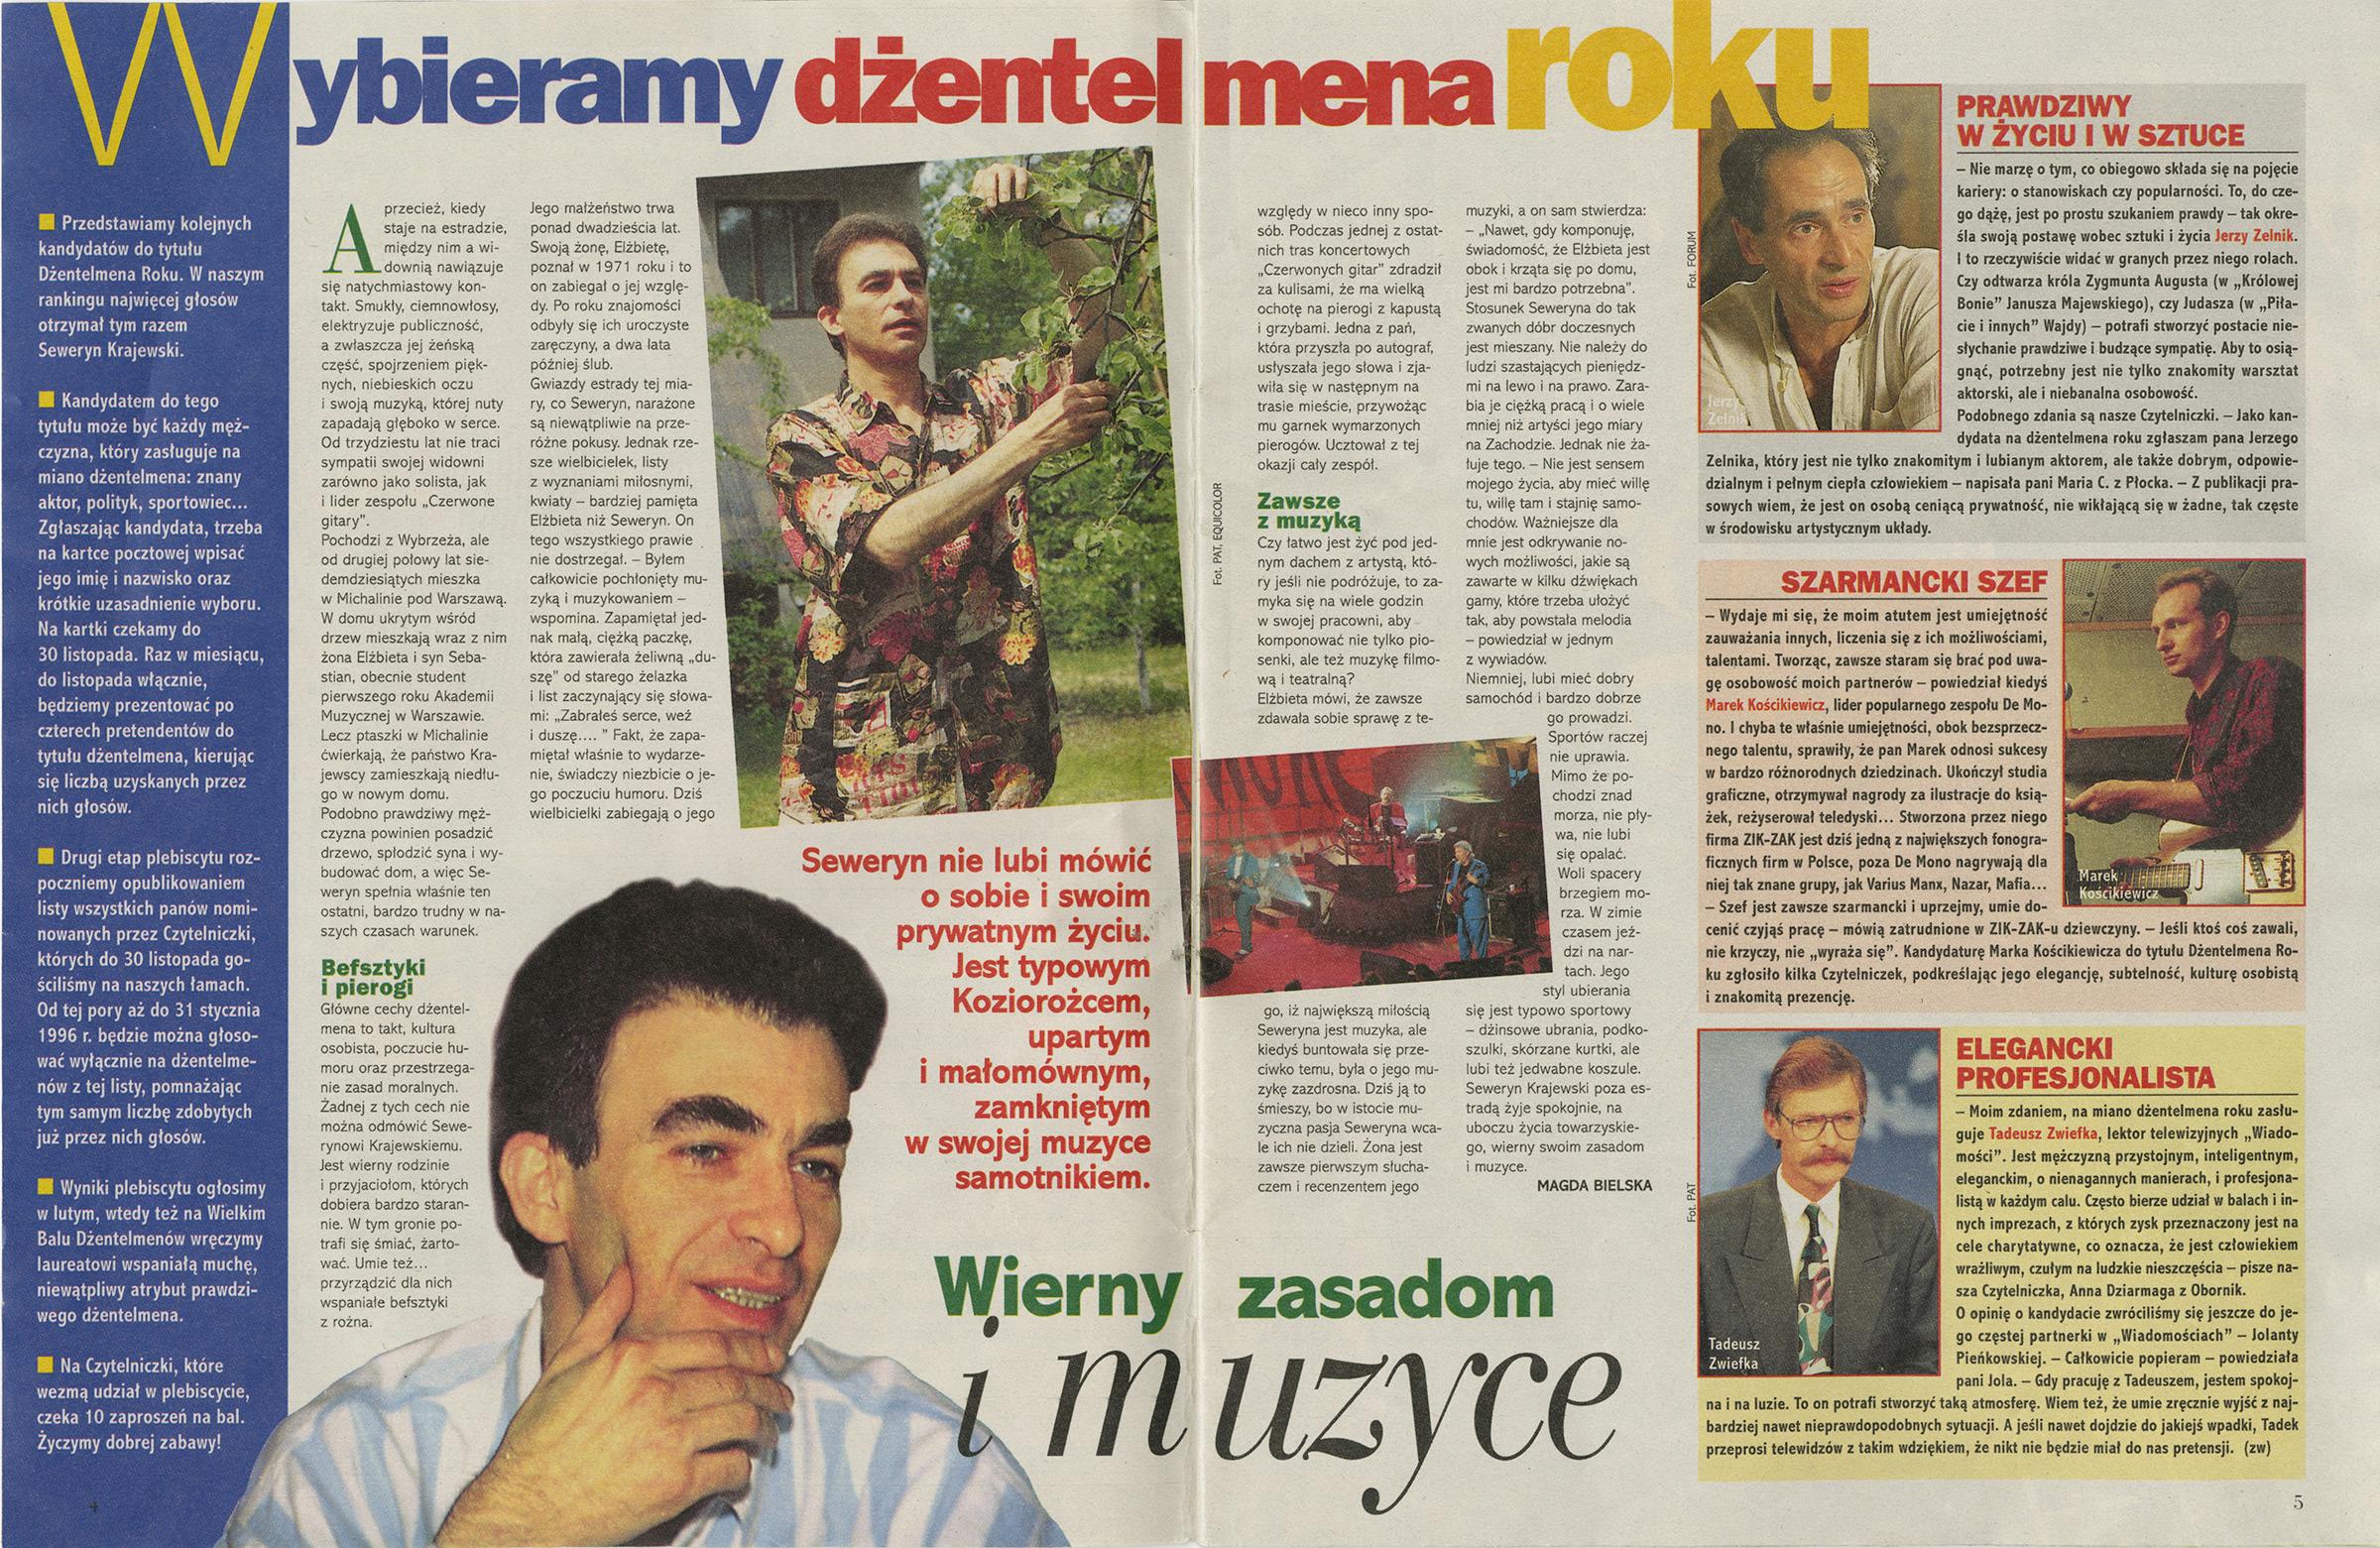 1991-2003-Przyjaciolka_1995_wierny_zasada